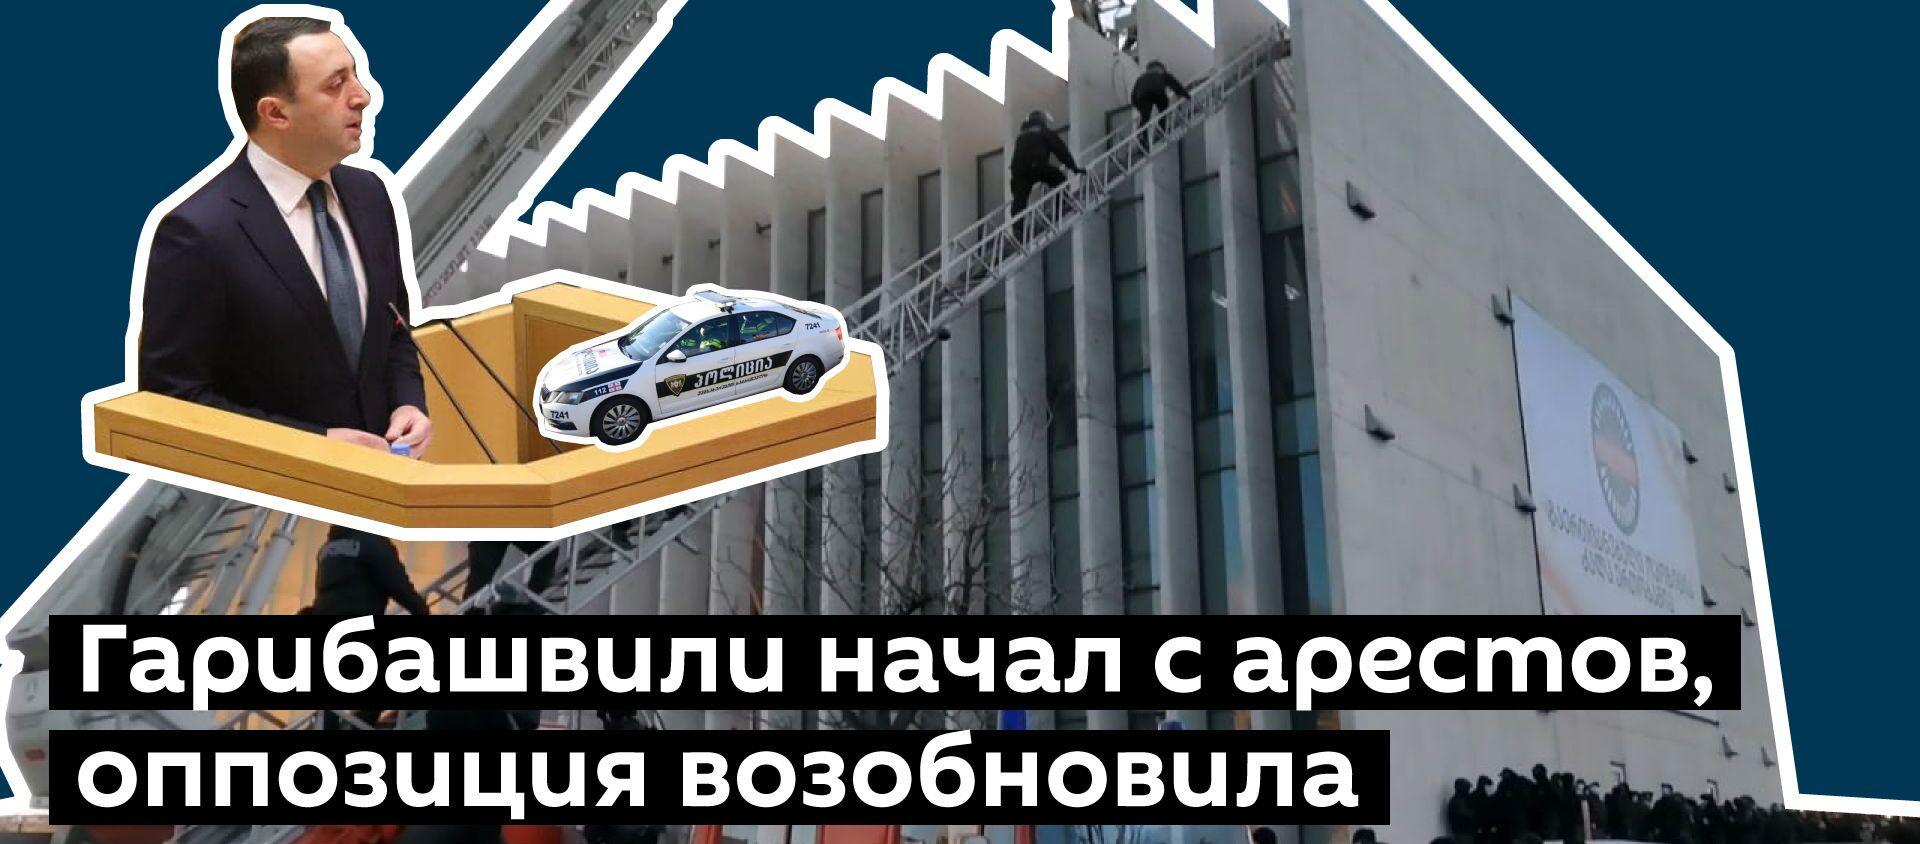 Гарибашвили начал с арестов, оппозиция возобновила протесты - видео - Sputnik Грузия, 1920, 23.02.2021